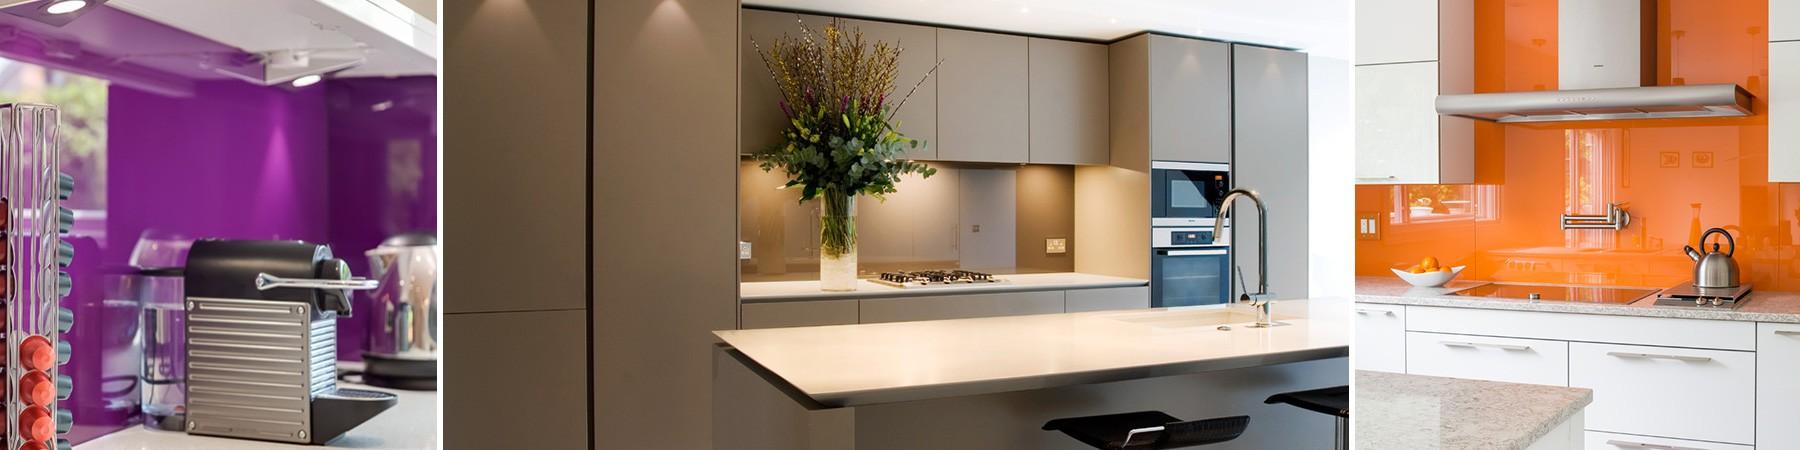 Paneles acrilicos para cocinas simple paneles imantados - Paneles para cocinas ...